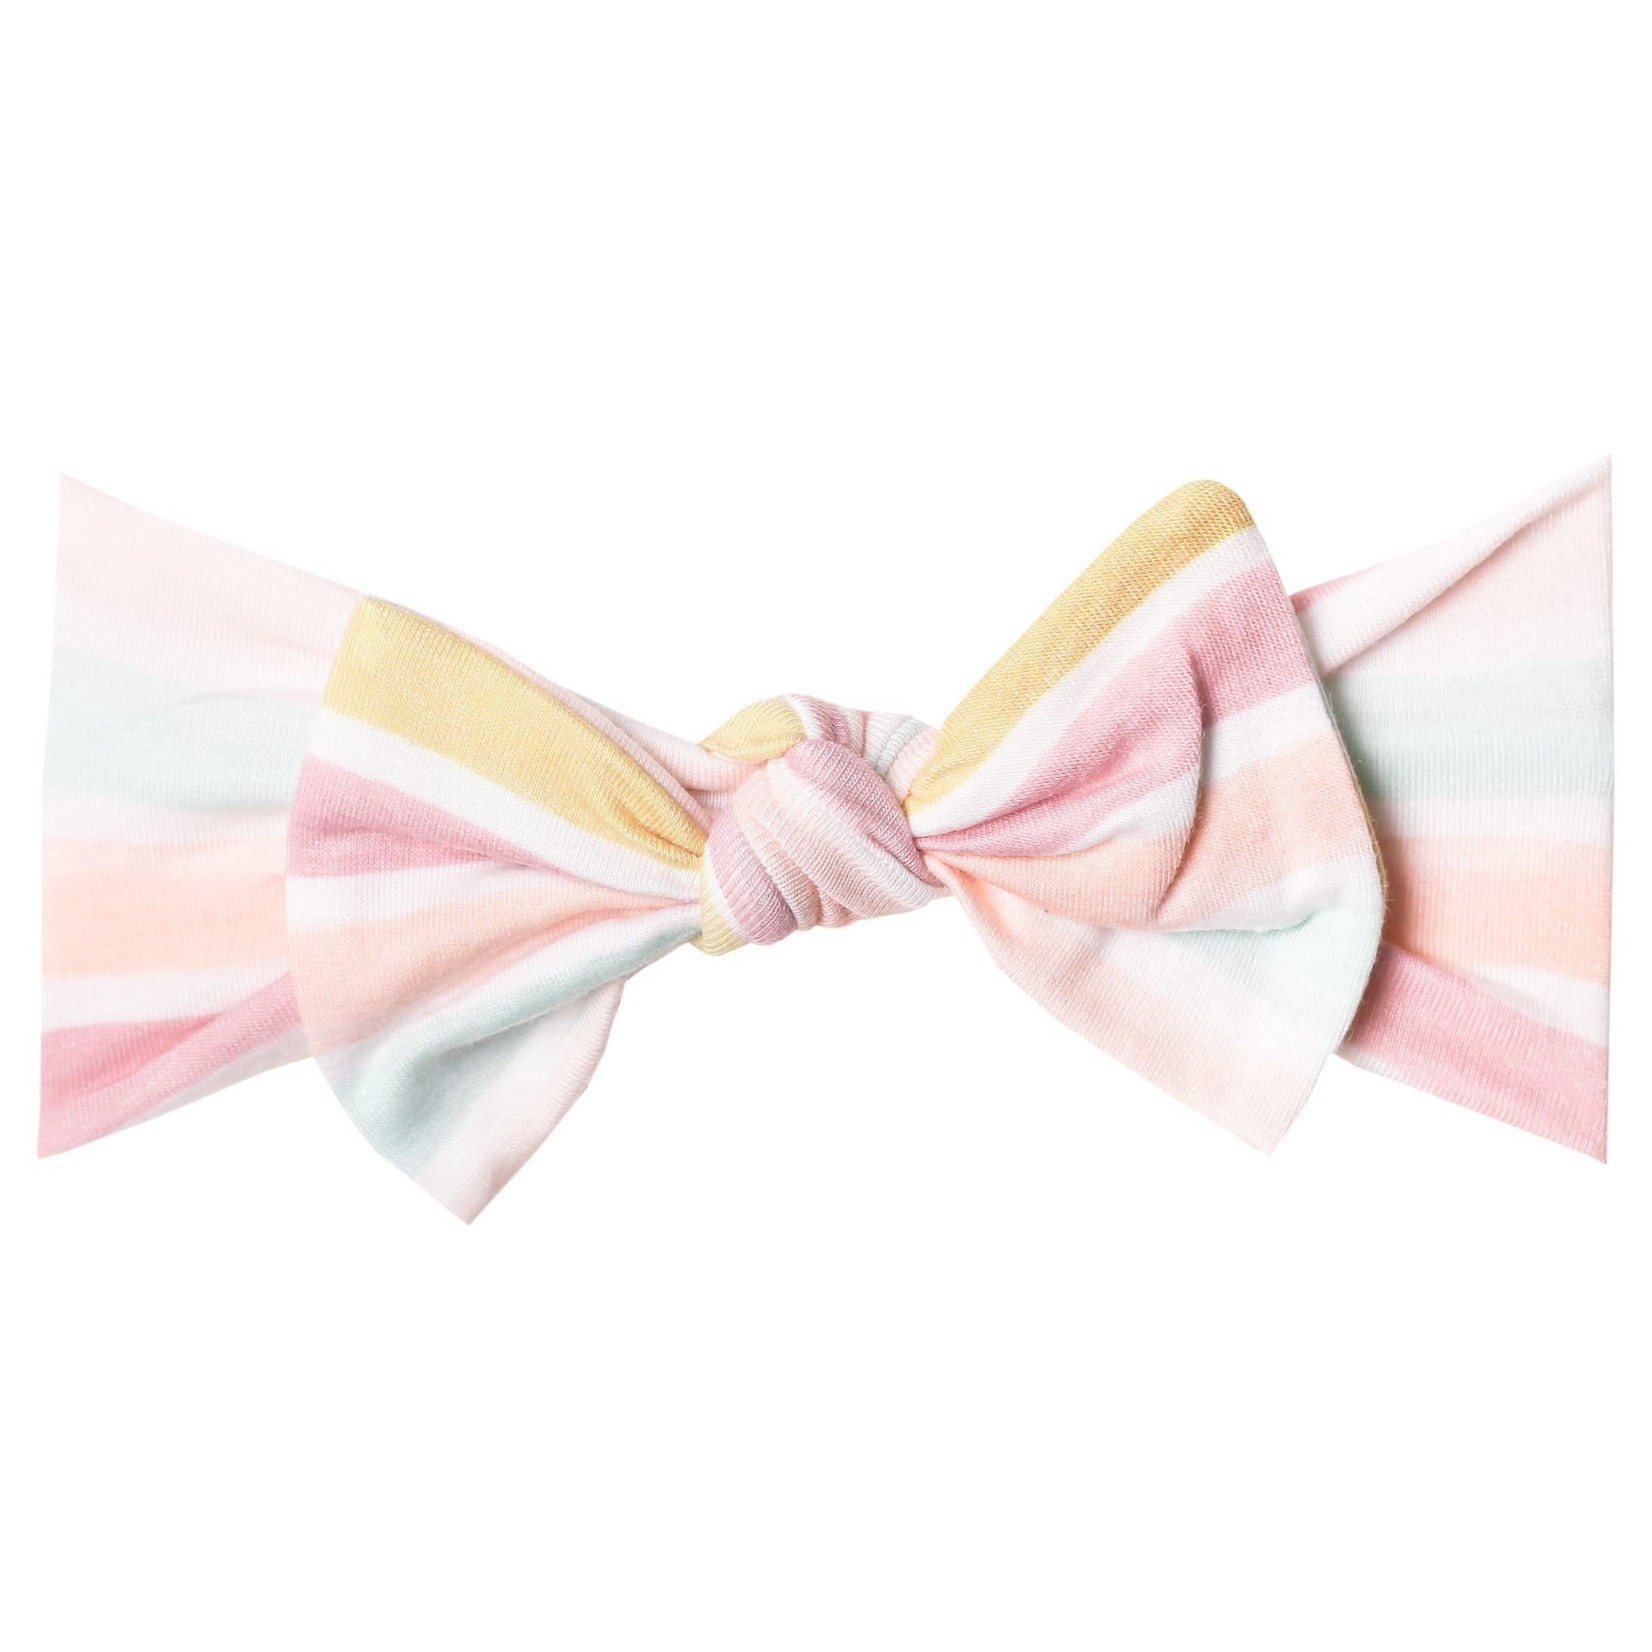 Copper Pearl Knit Headband - Belle